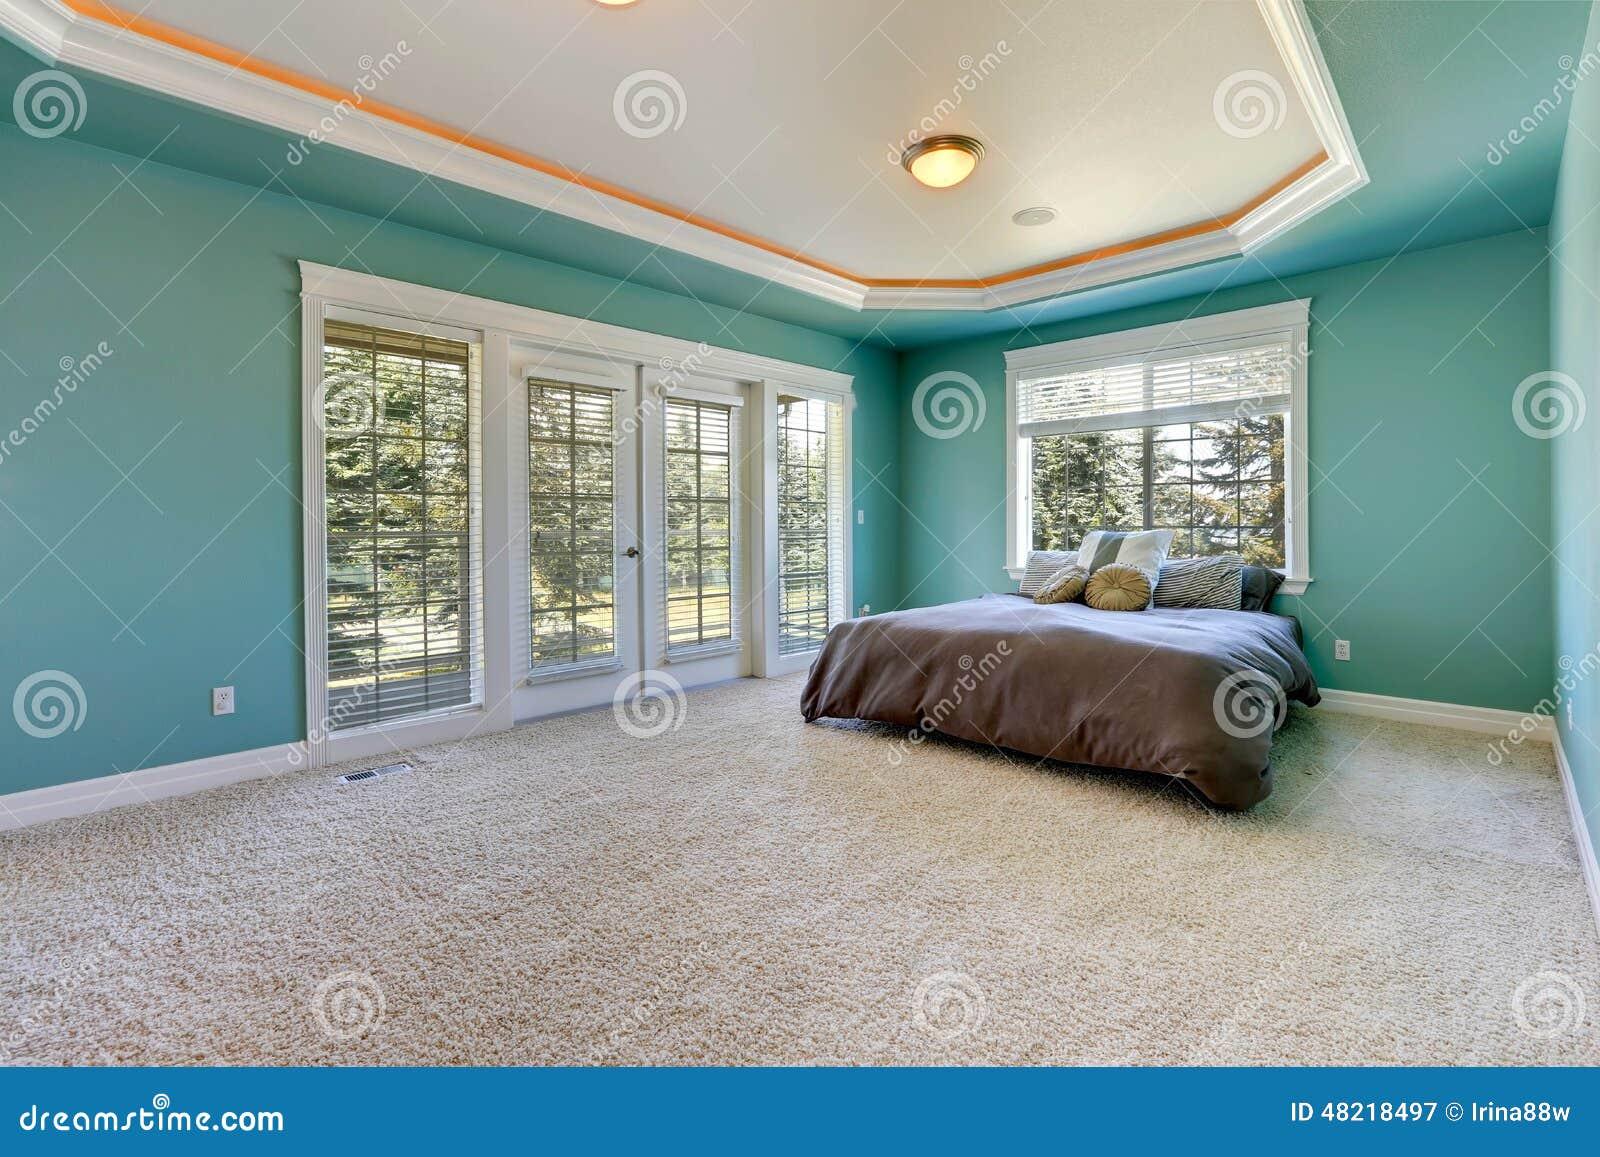 Camere Da Letto Turchese : Camera da letto principale nel colore del turchese immagine stock